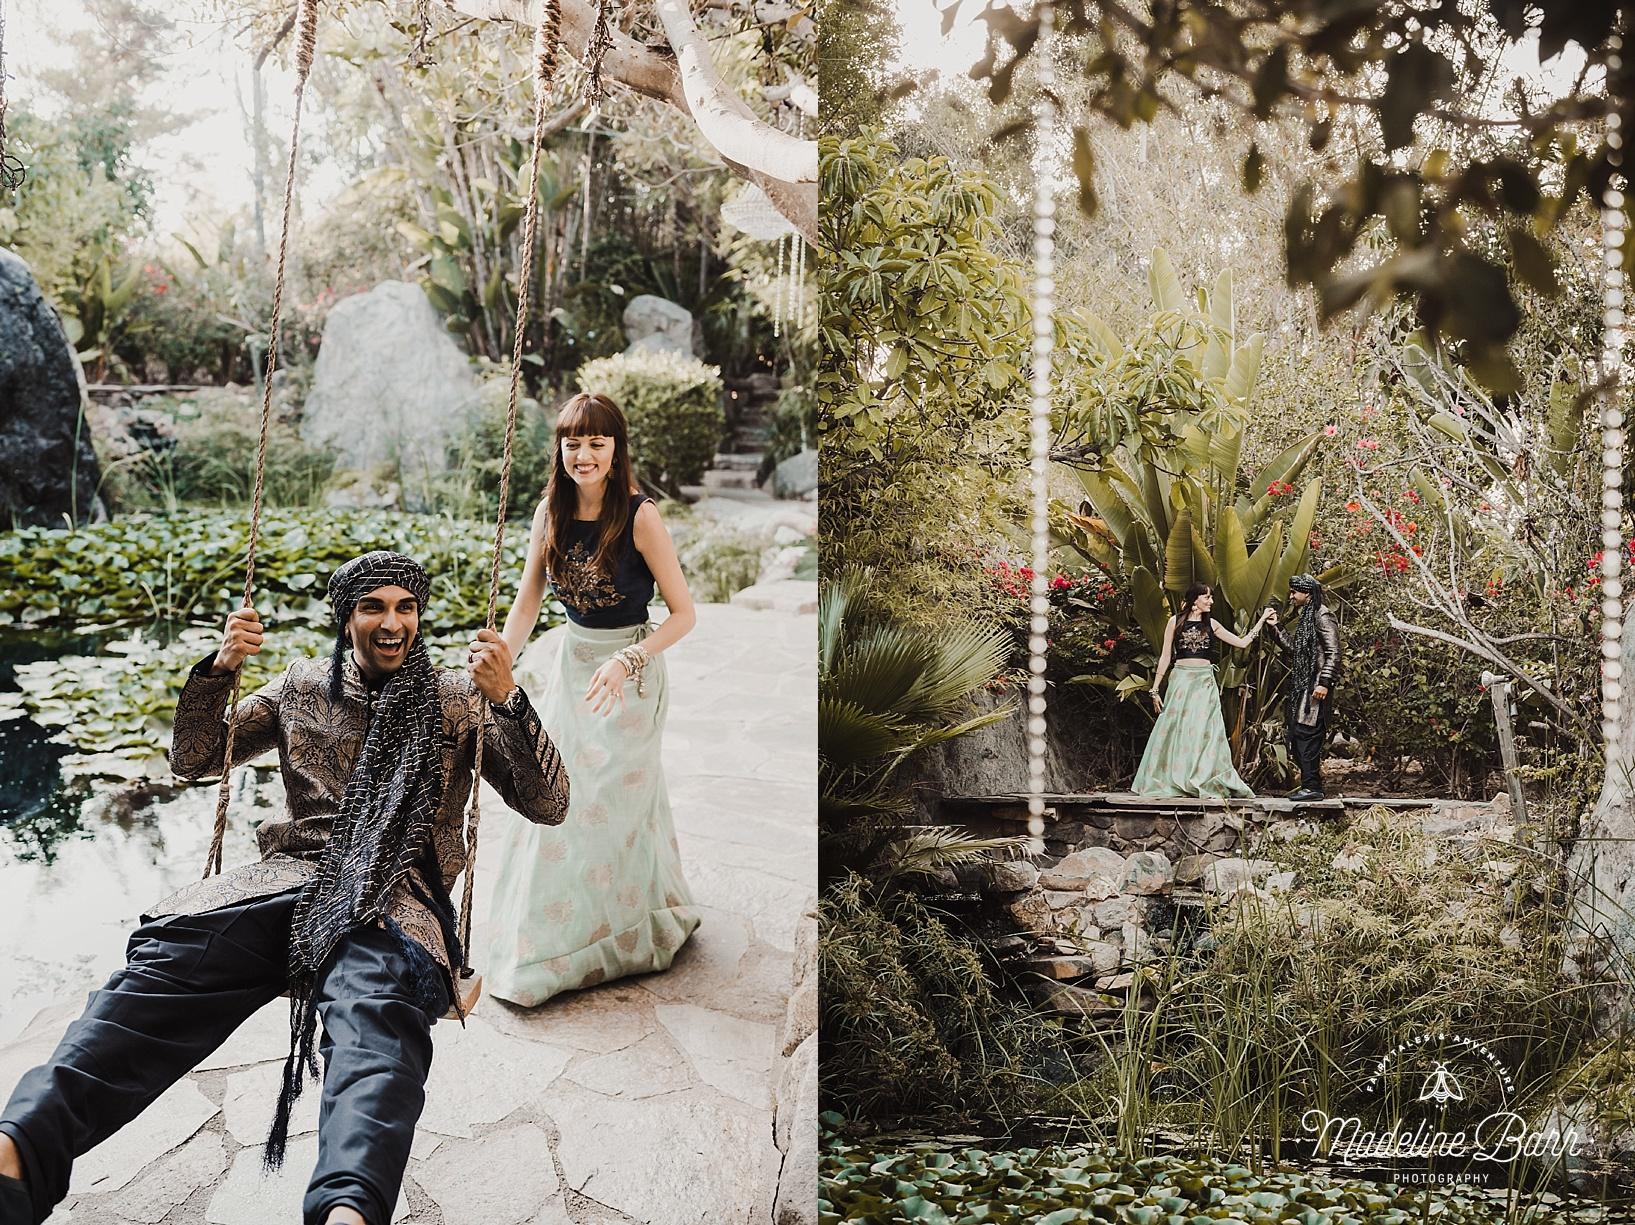 SanDiego_Multicultural_Elopement_Wedding0020.jpg